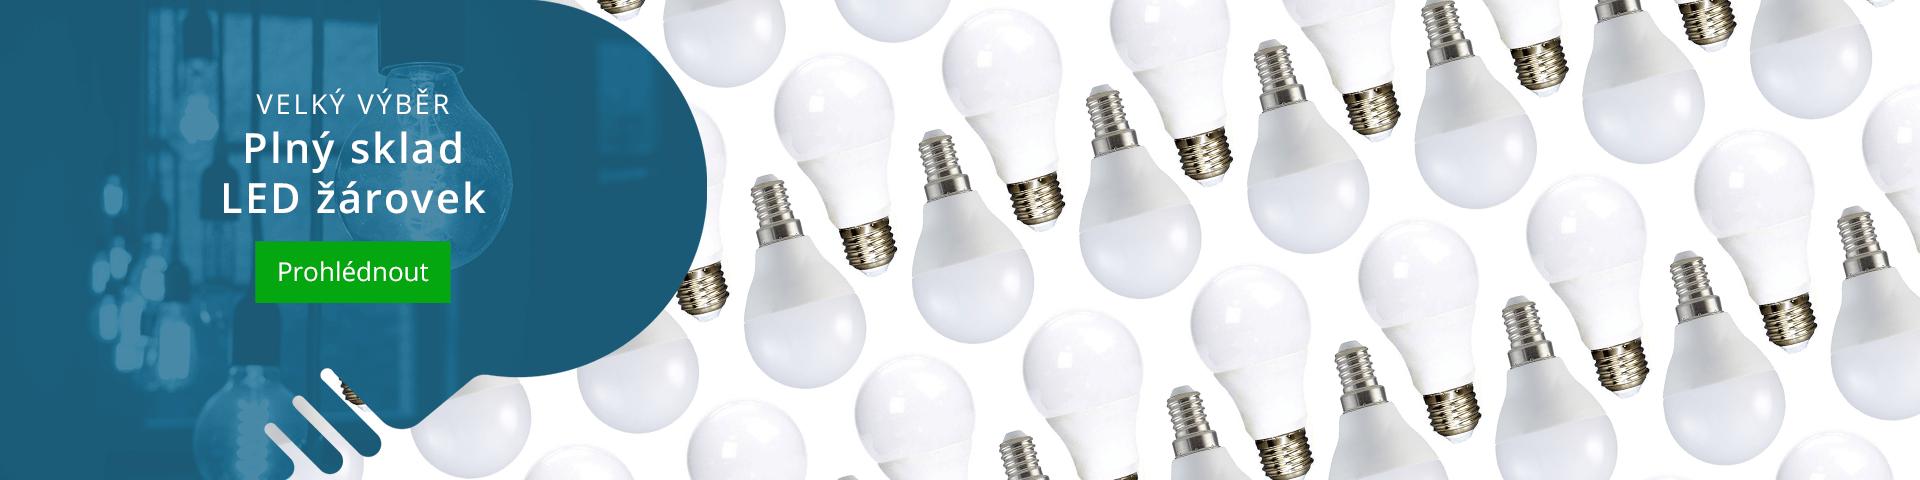 LED žárovky pro domácnost